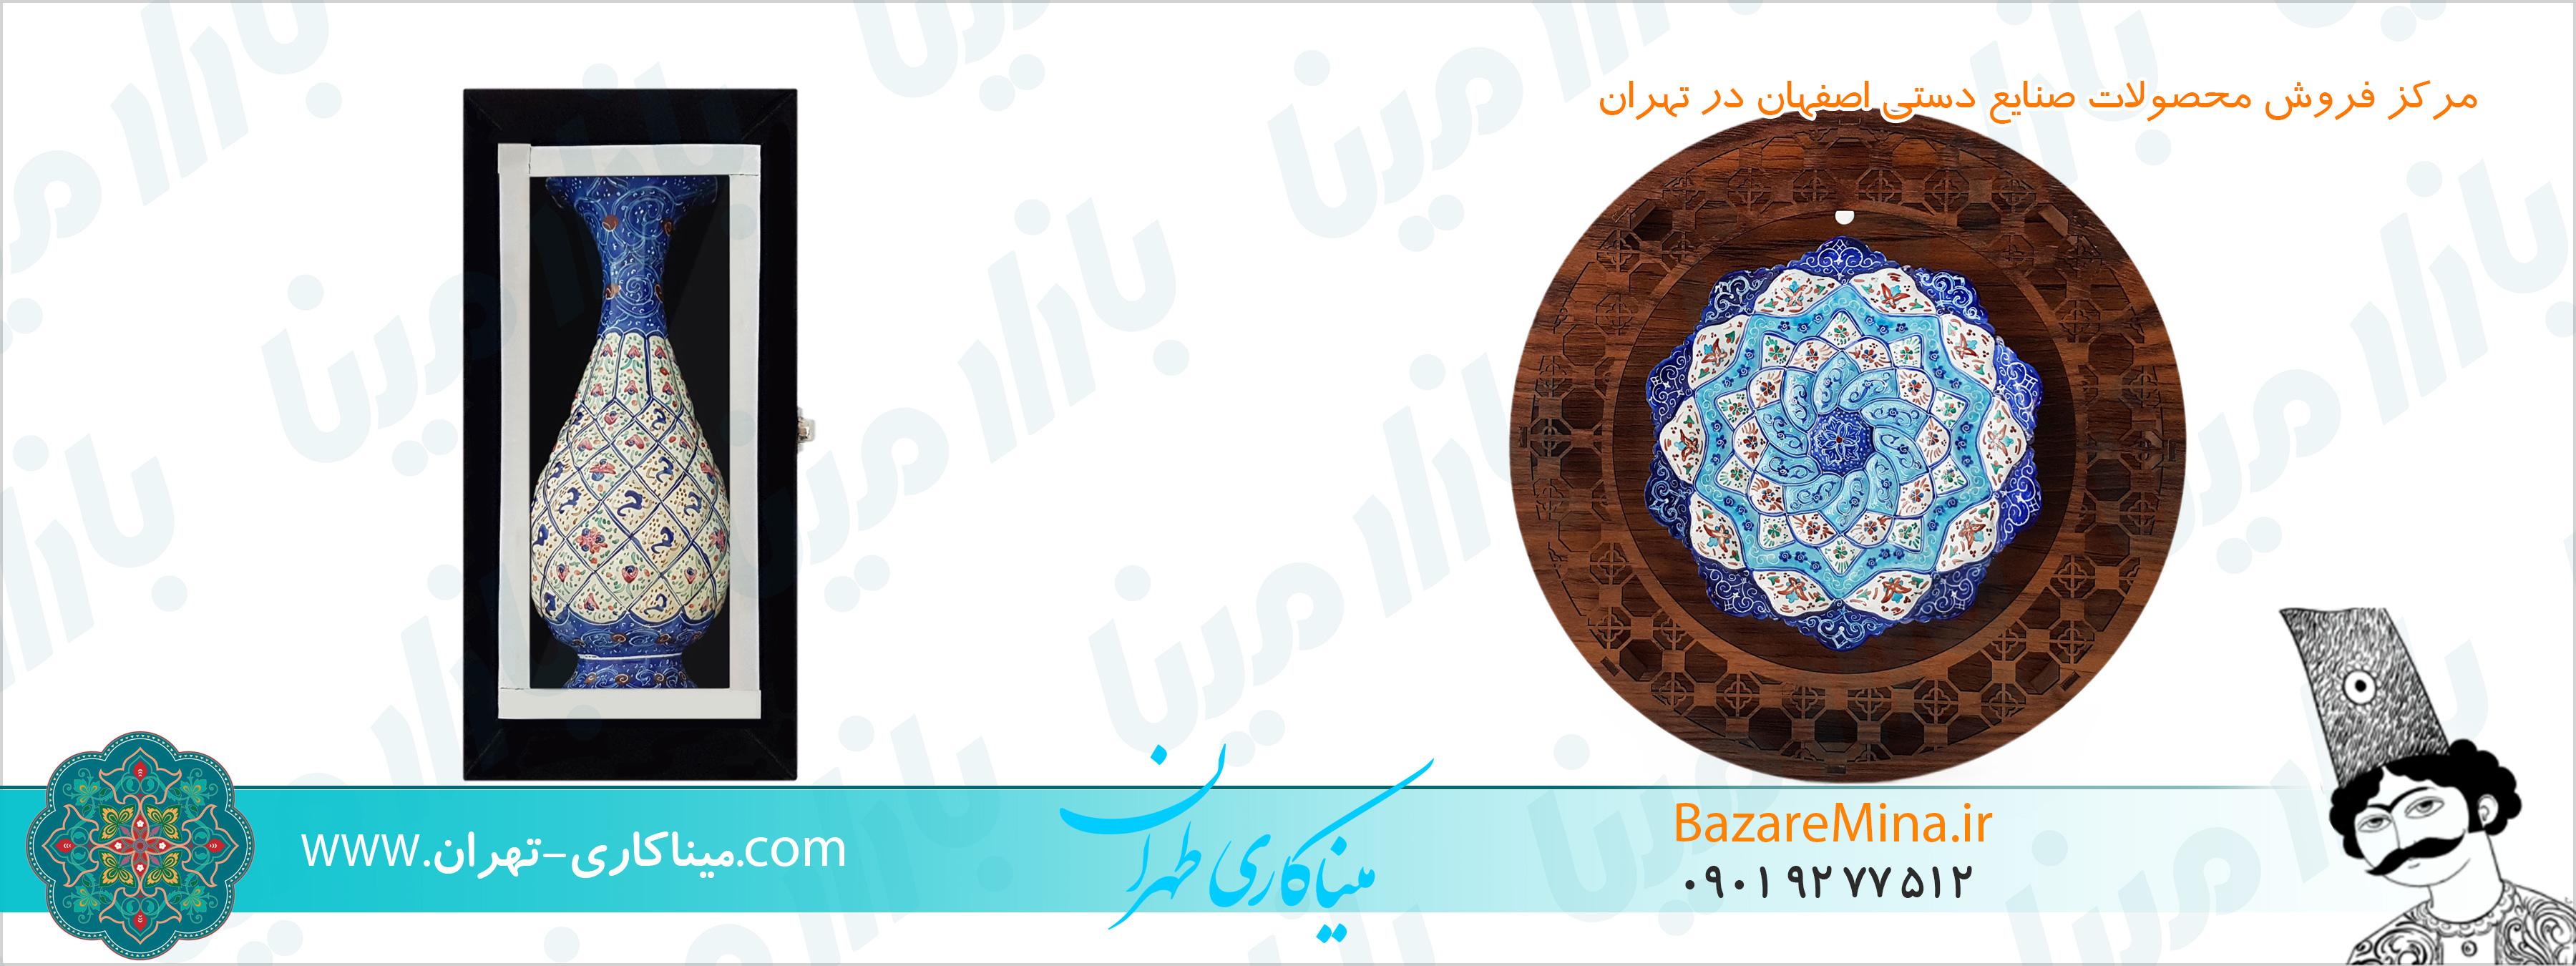 خرید صنایع دستی در تهران